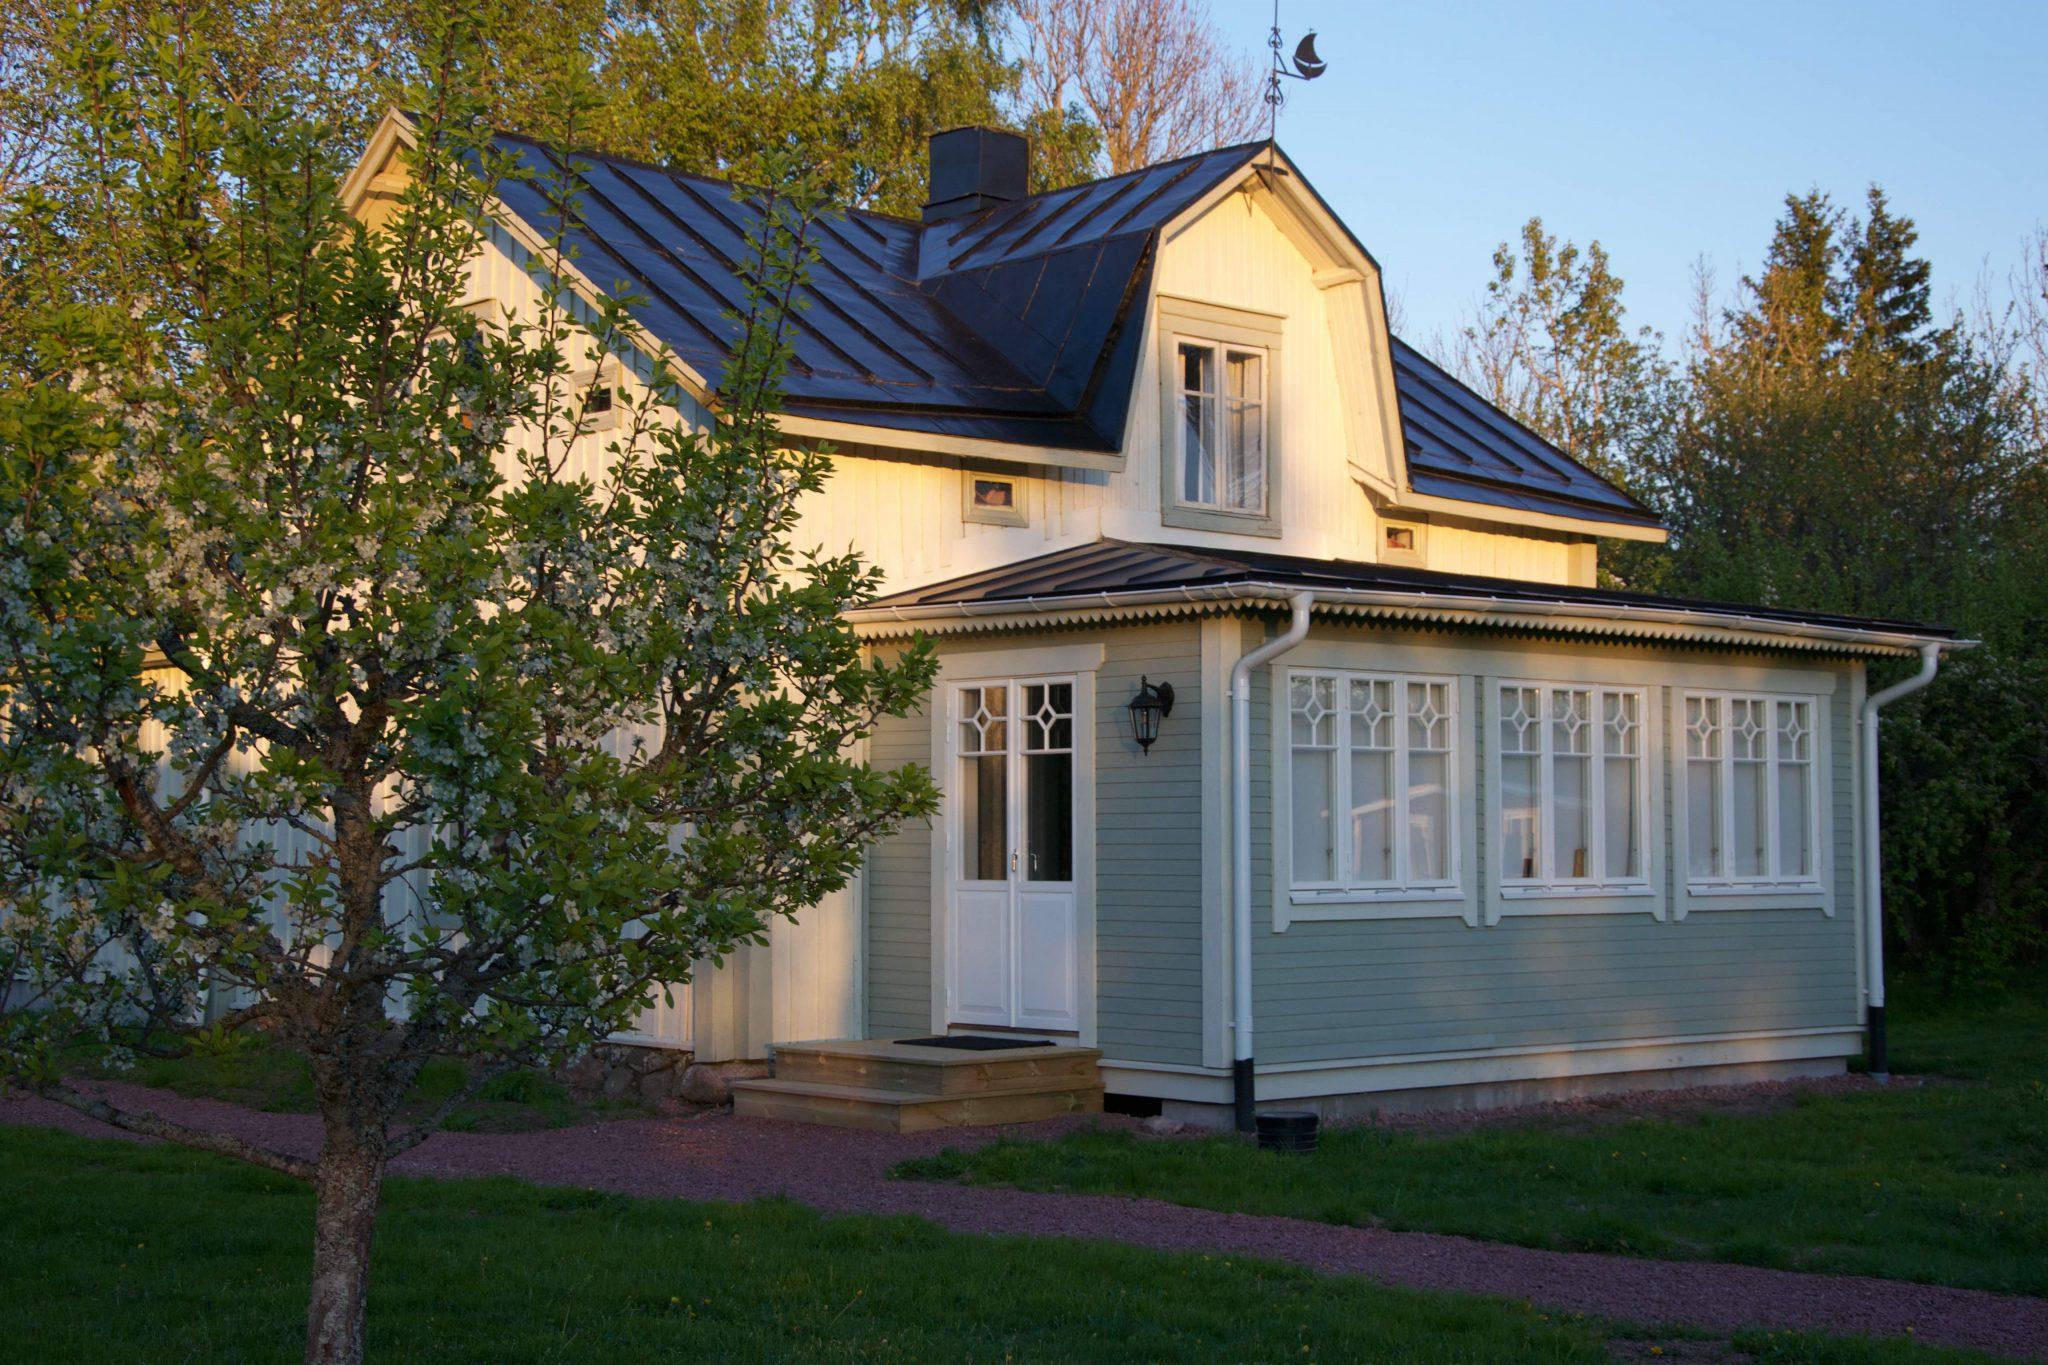 Mormorskvall